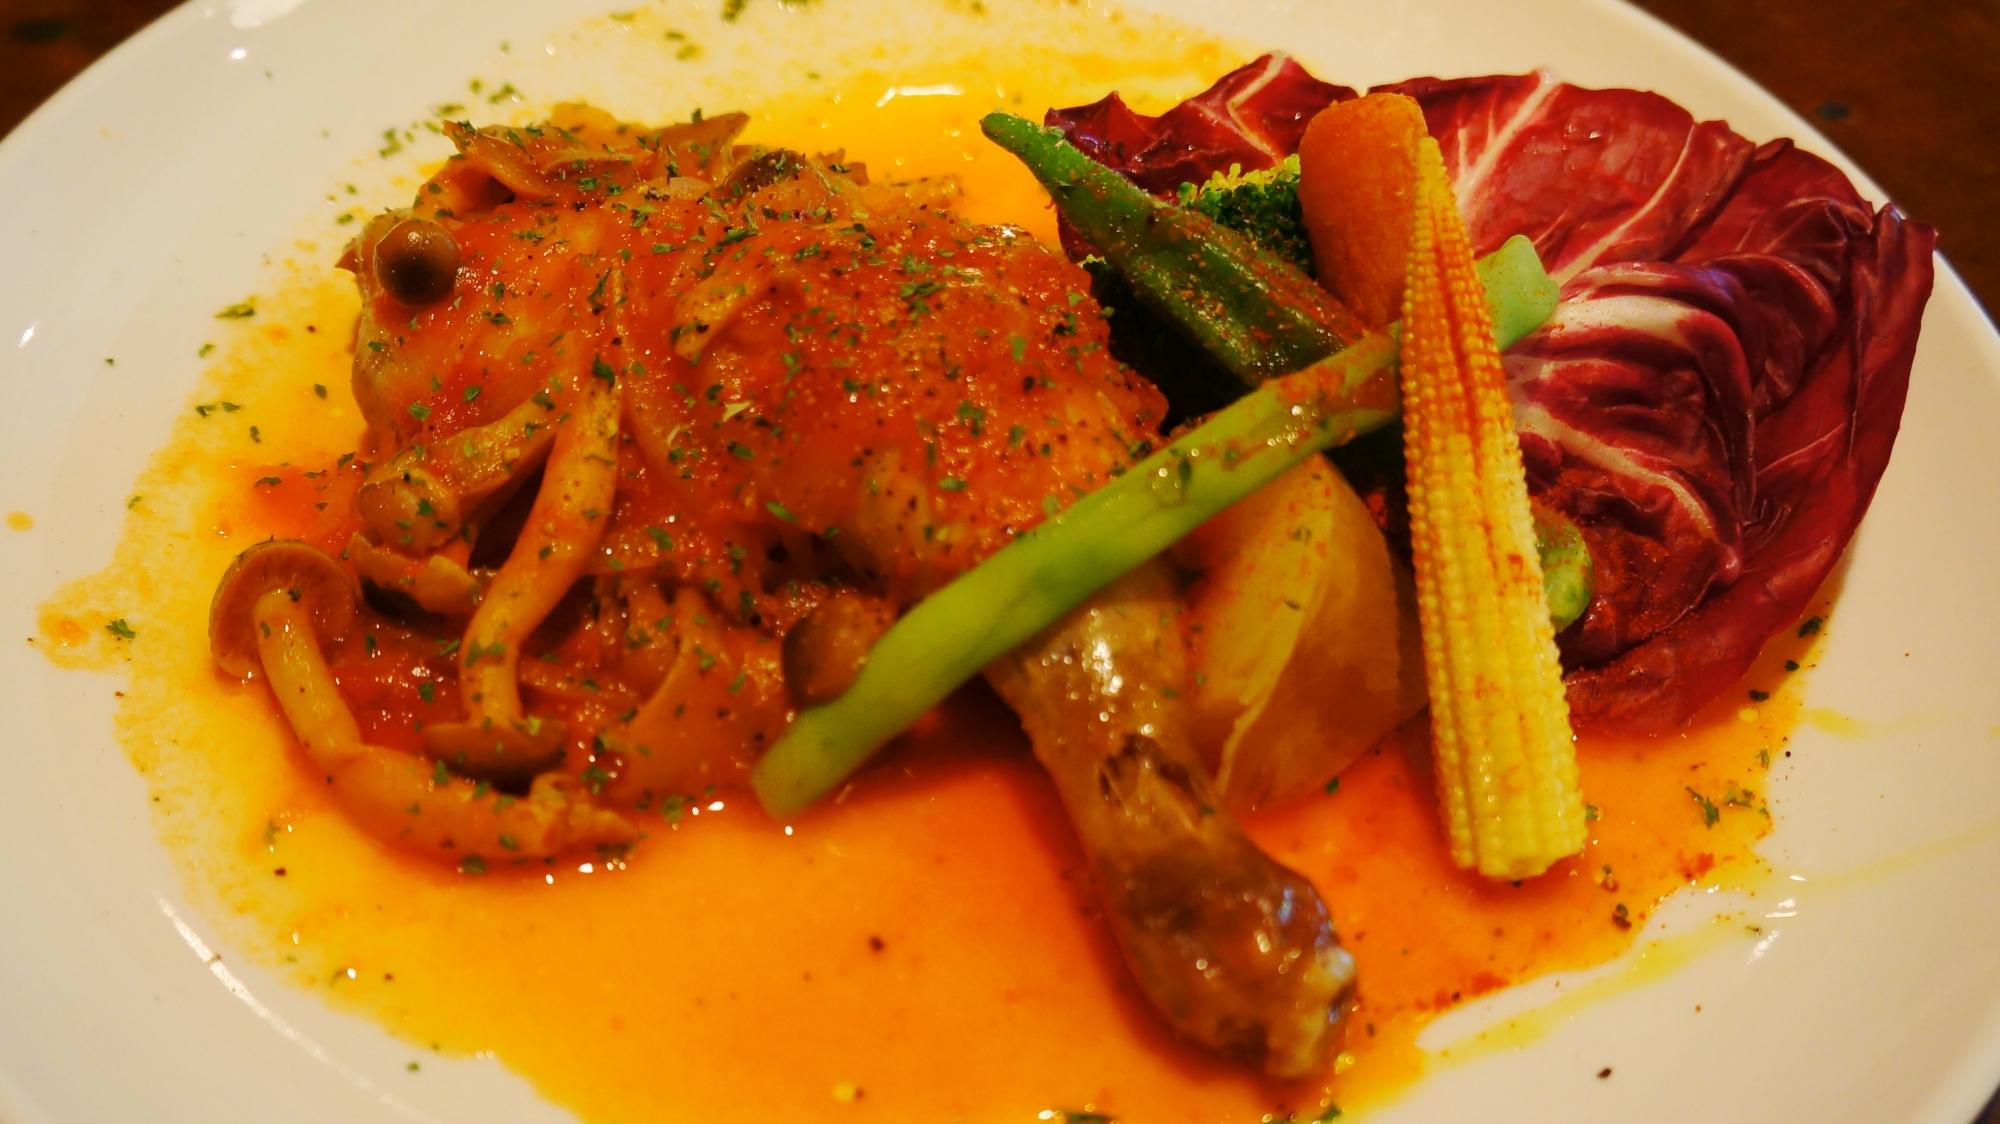 御幸町のサンクカフェ(cinq cafe)の骨付鶏もも肉のカチャトーラ